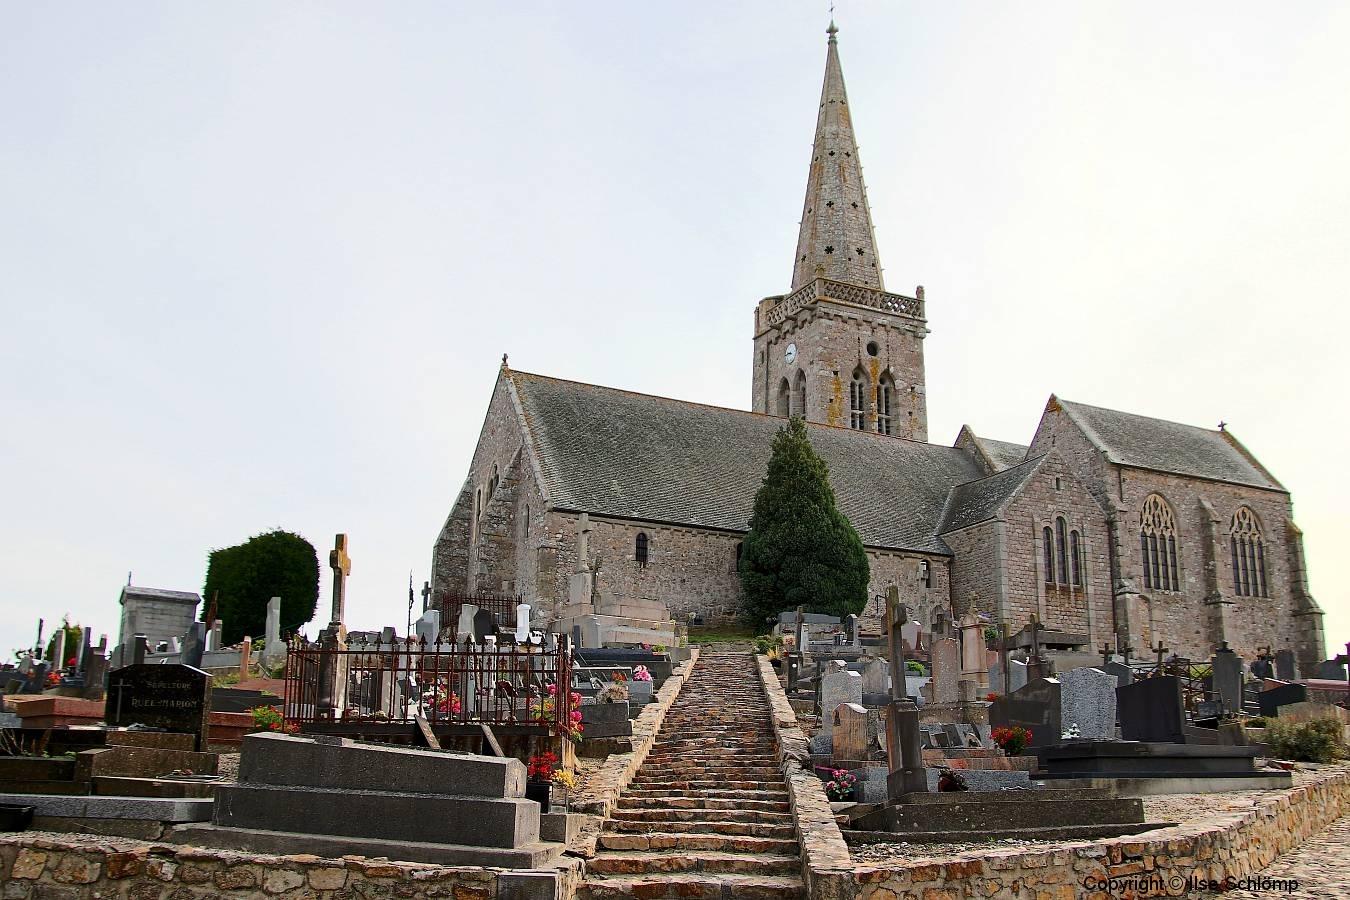 Frankreich, Normandie, Reville, Eglise Saint-Nicolas